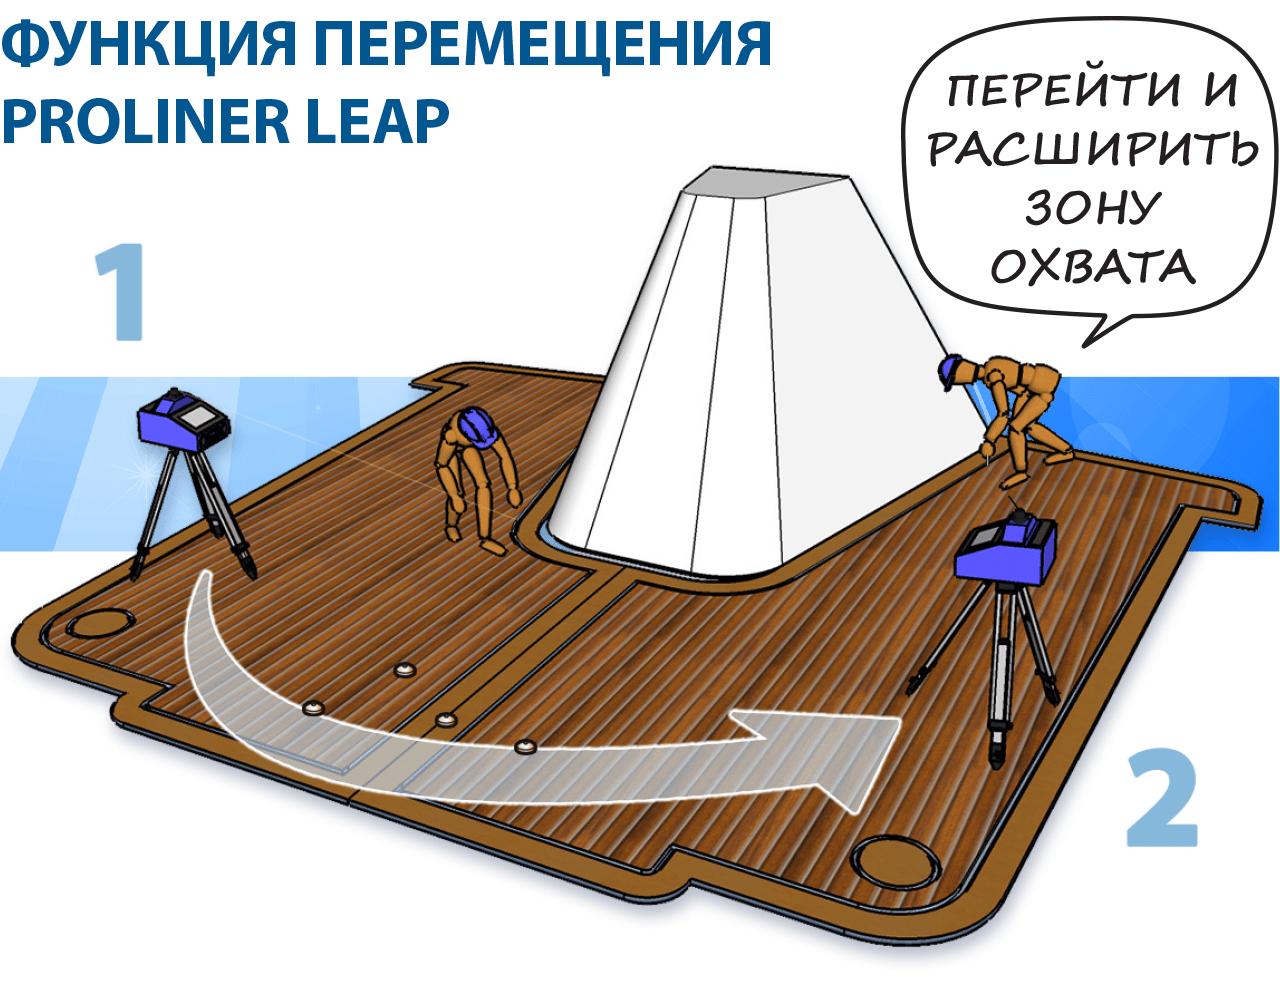 Prodim - ФУНКЦИЯ ПЕРЕМЕЩЕНИЯ - Proliner leap